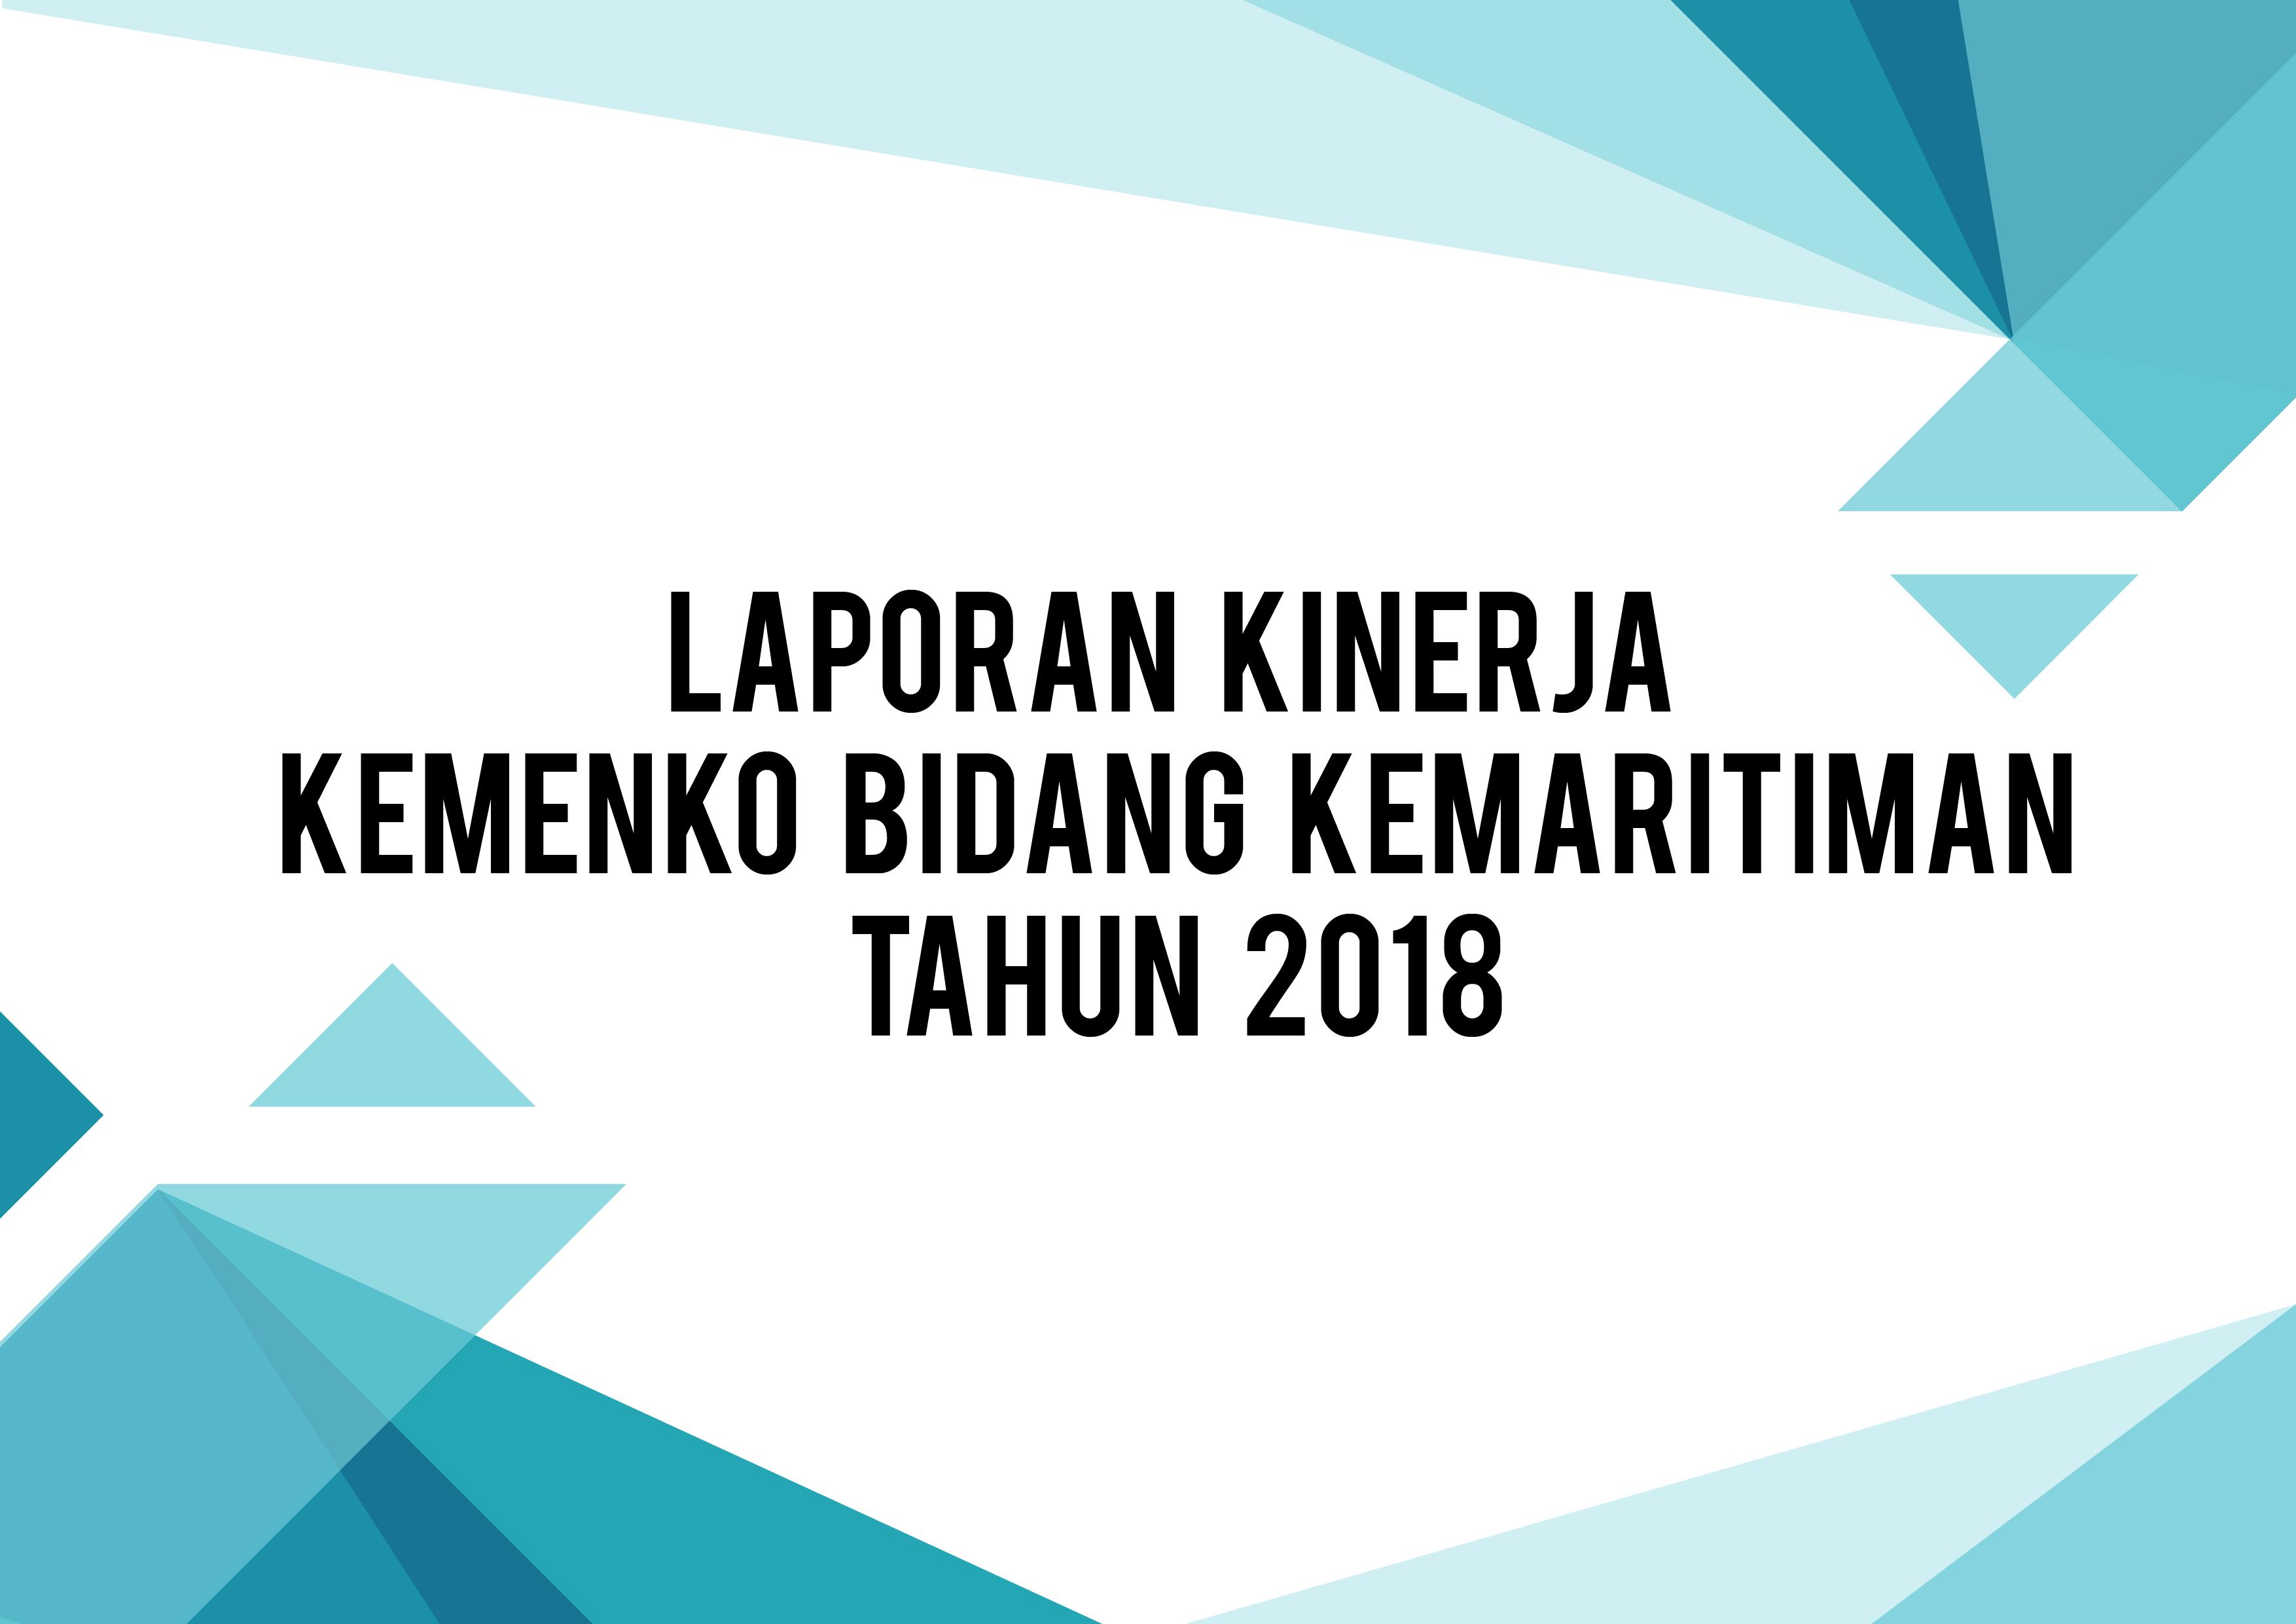 Laporan Kinerja Kemenko Bidang Kemaritiman Tahun 2018